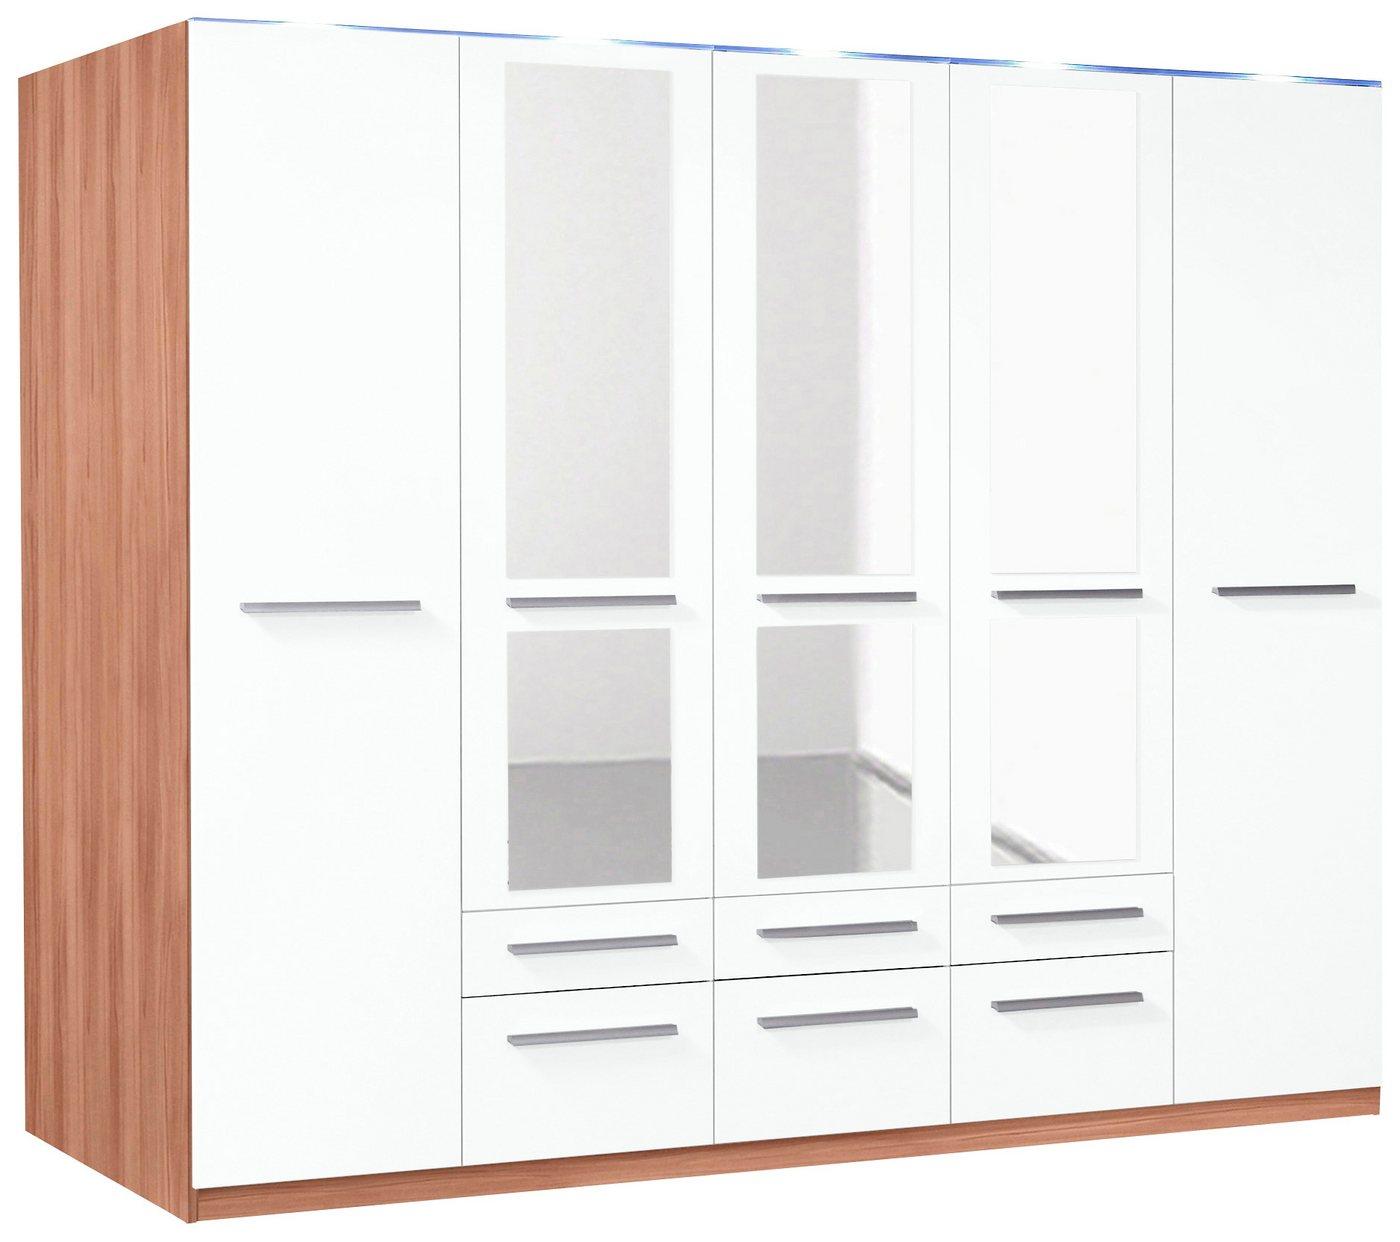 h ngeregal aus stoff machen sie den preisvergleich bei. Black Bedroom Furniture Sets. Home Design Ideas